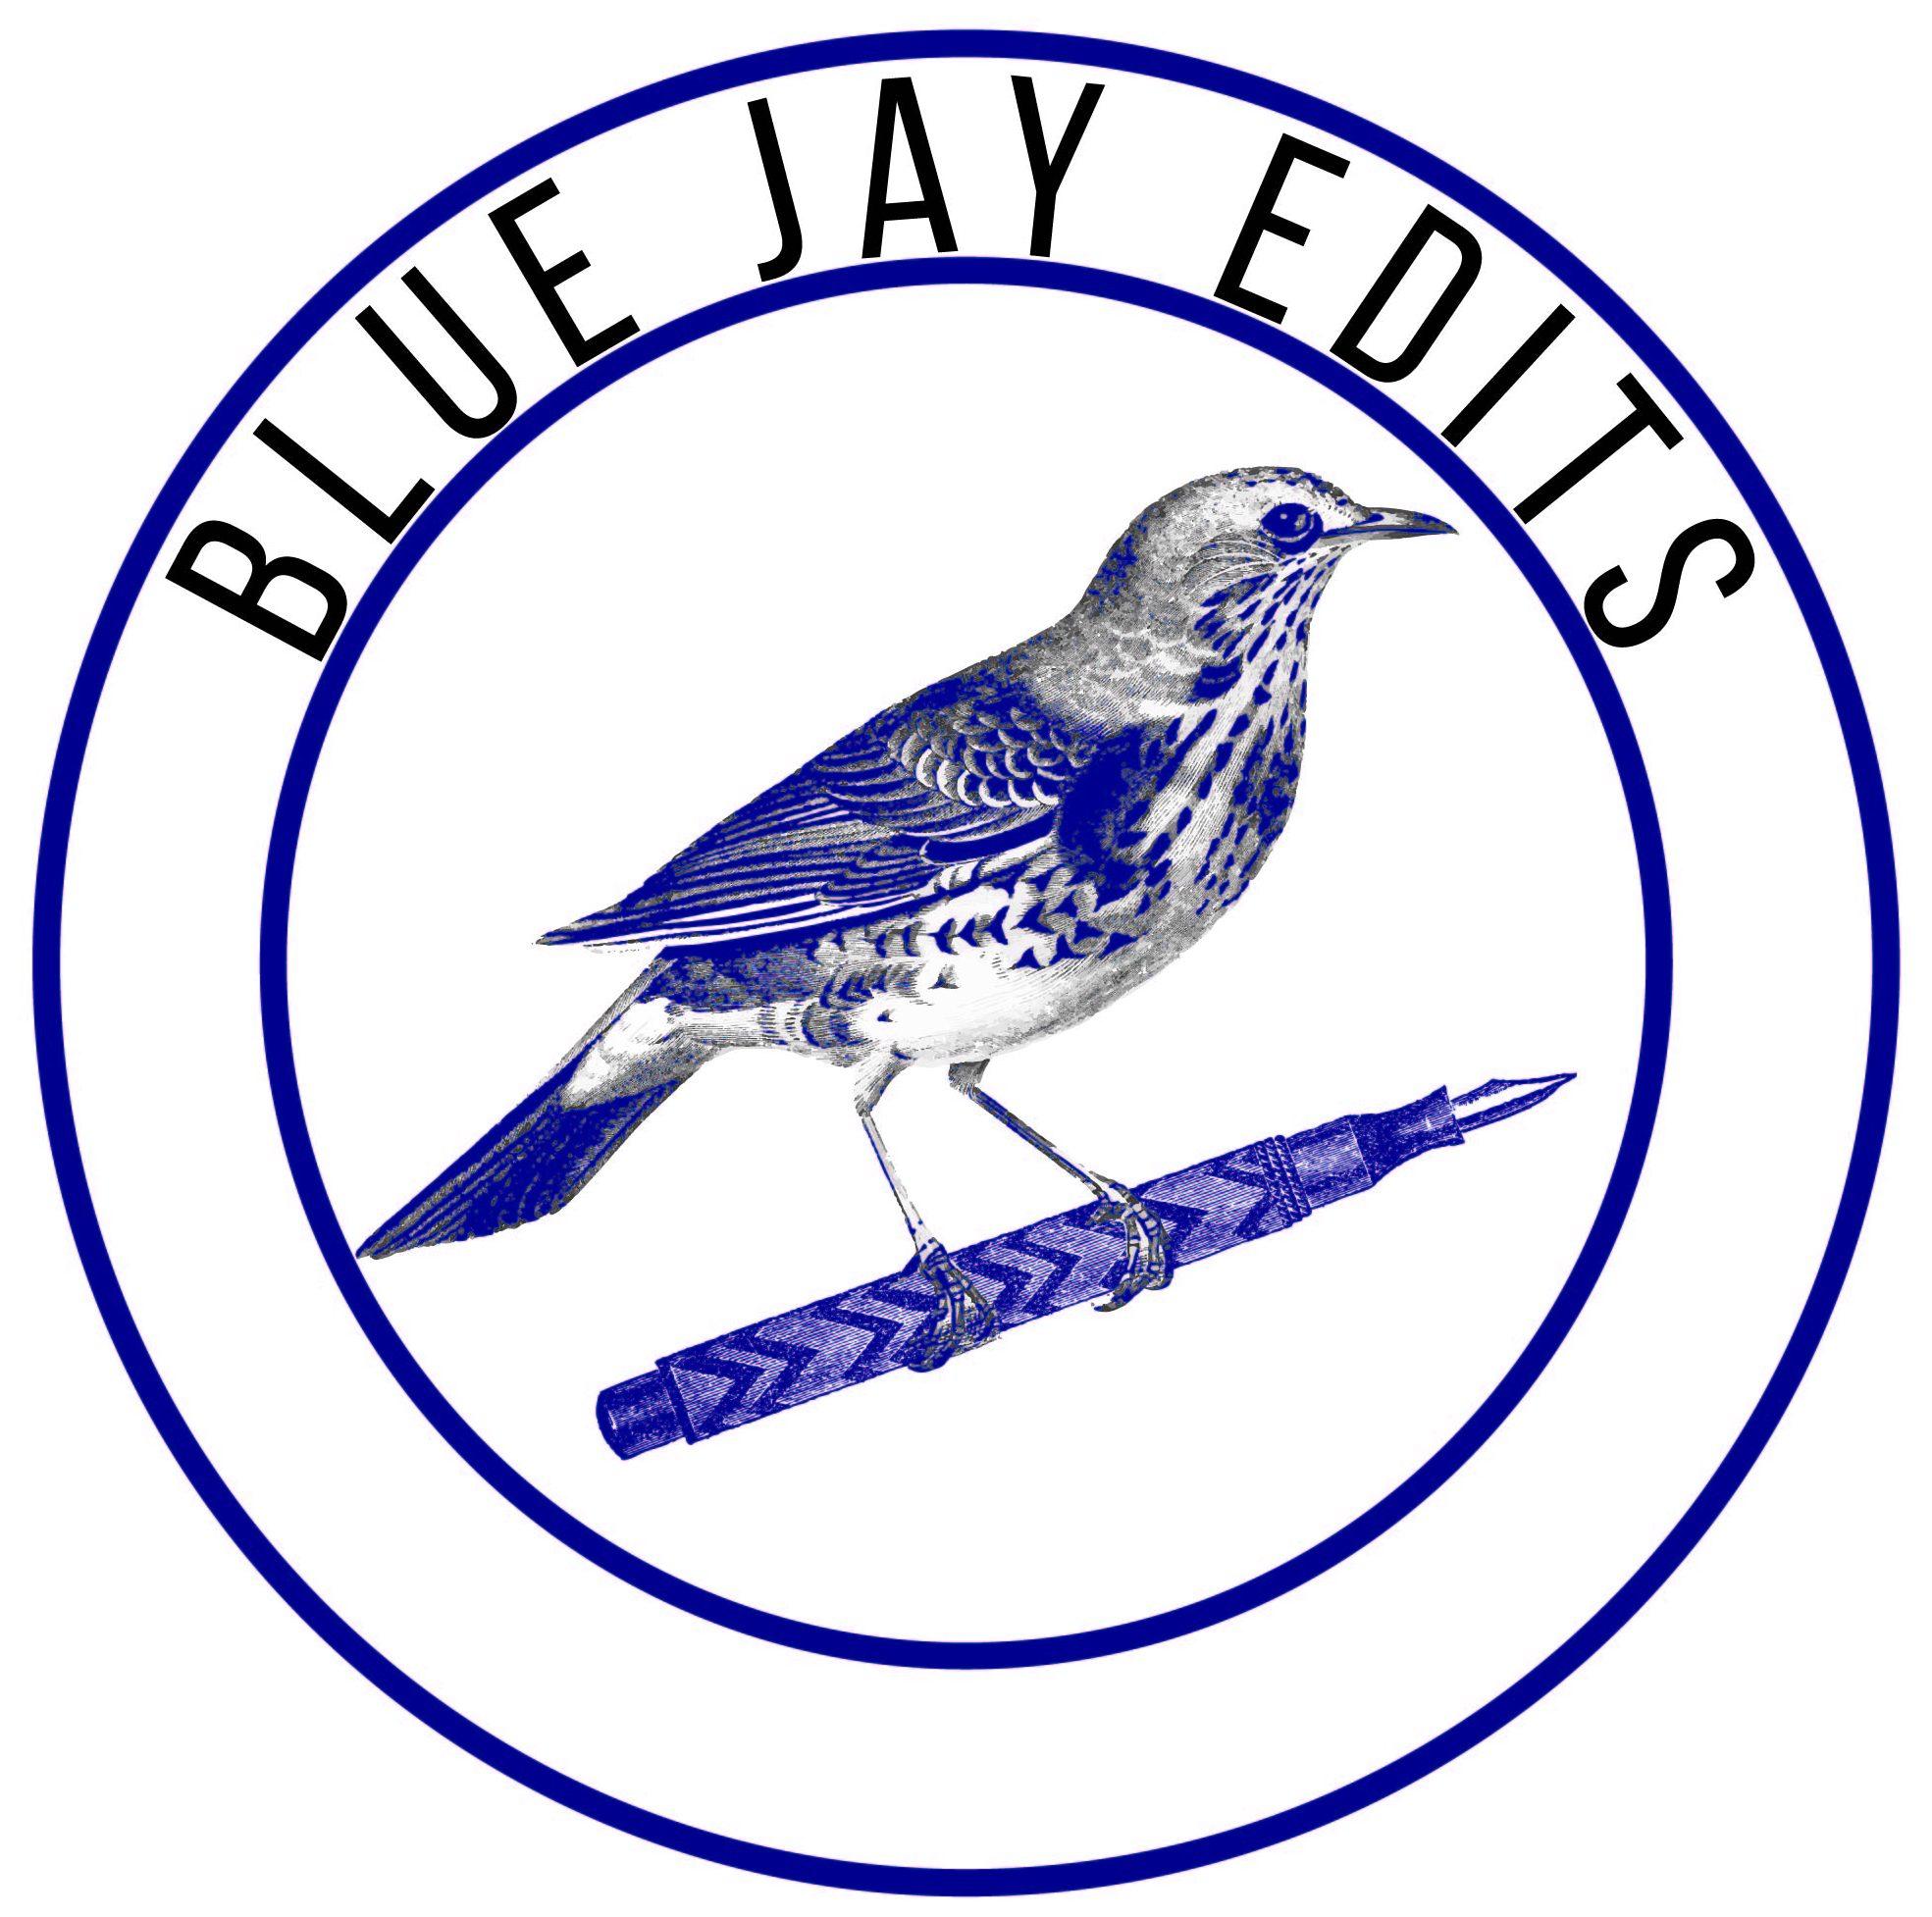 Blue Jay Edits